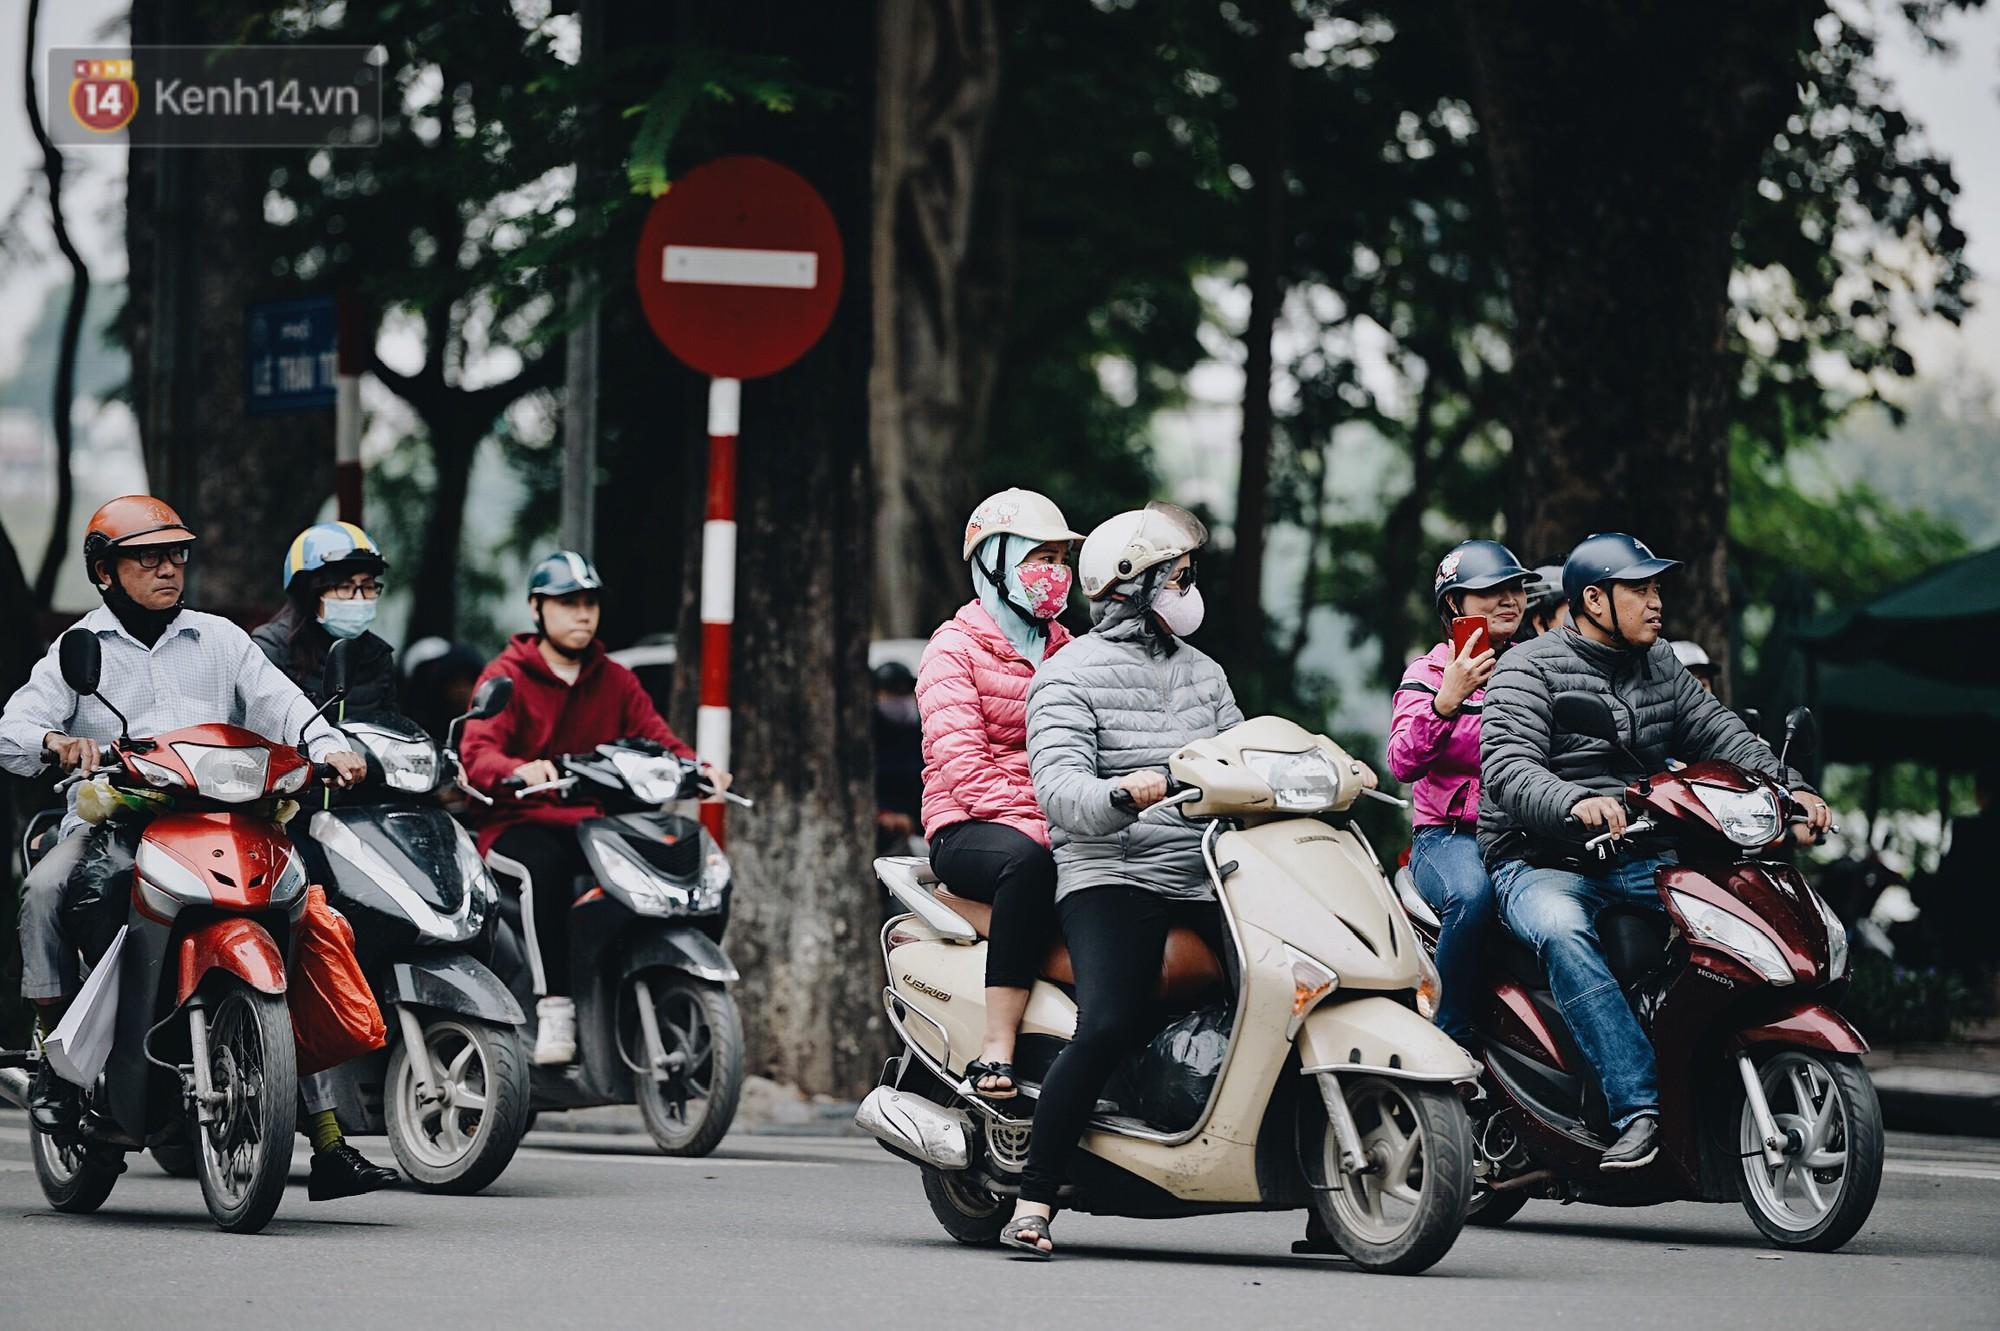 Ngày mùa đông chính thức chạm ngõ miền Bắc, người dân Hà Nội mặc áo ấm xuống phố - Ảnh 9.